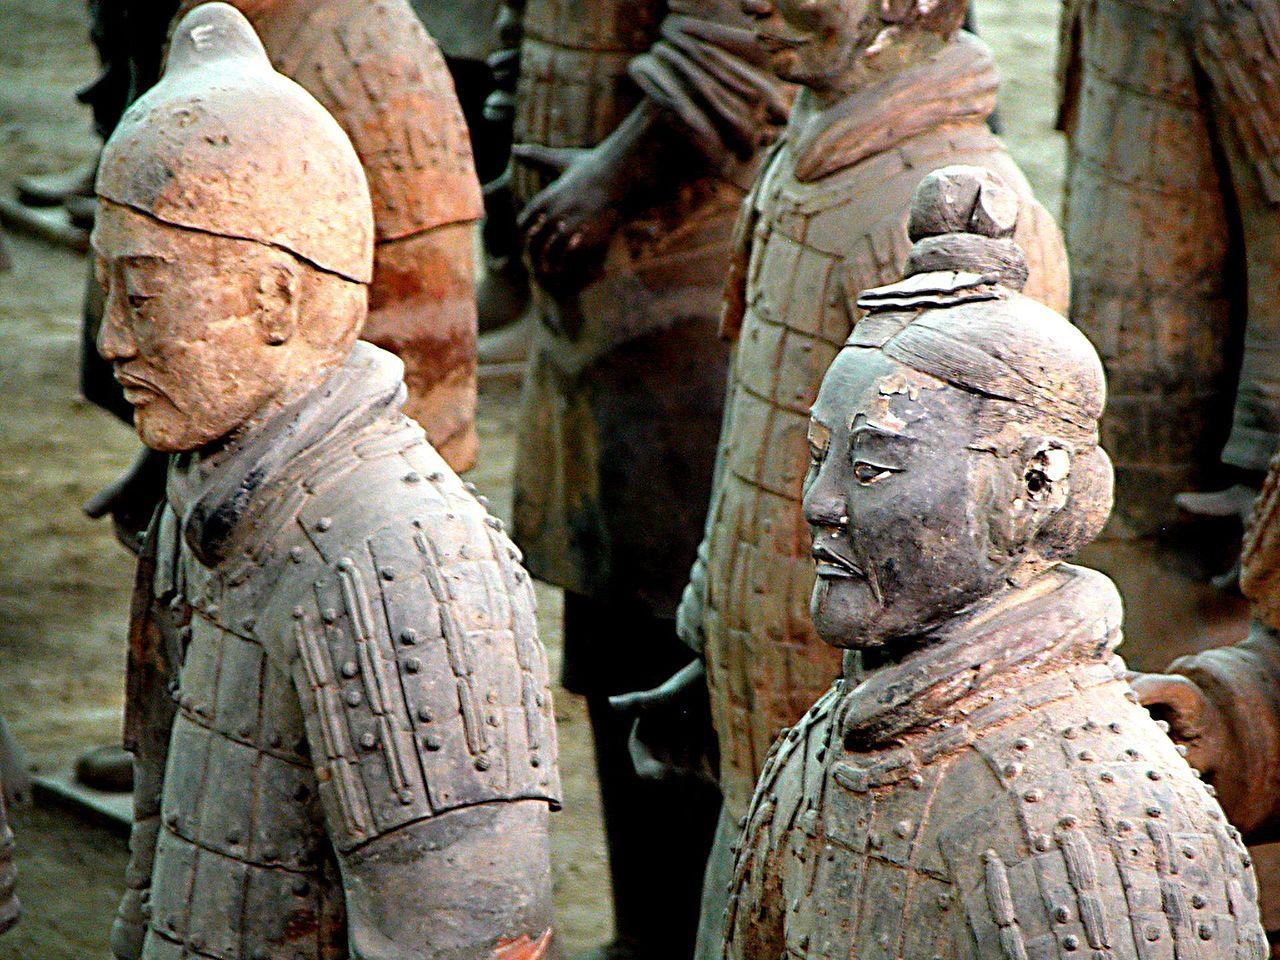 Kazhdaya-statuya-yavlyaetsya-unikalnoy